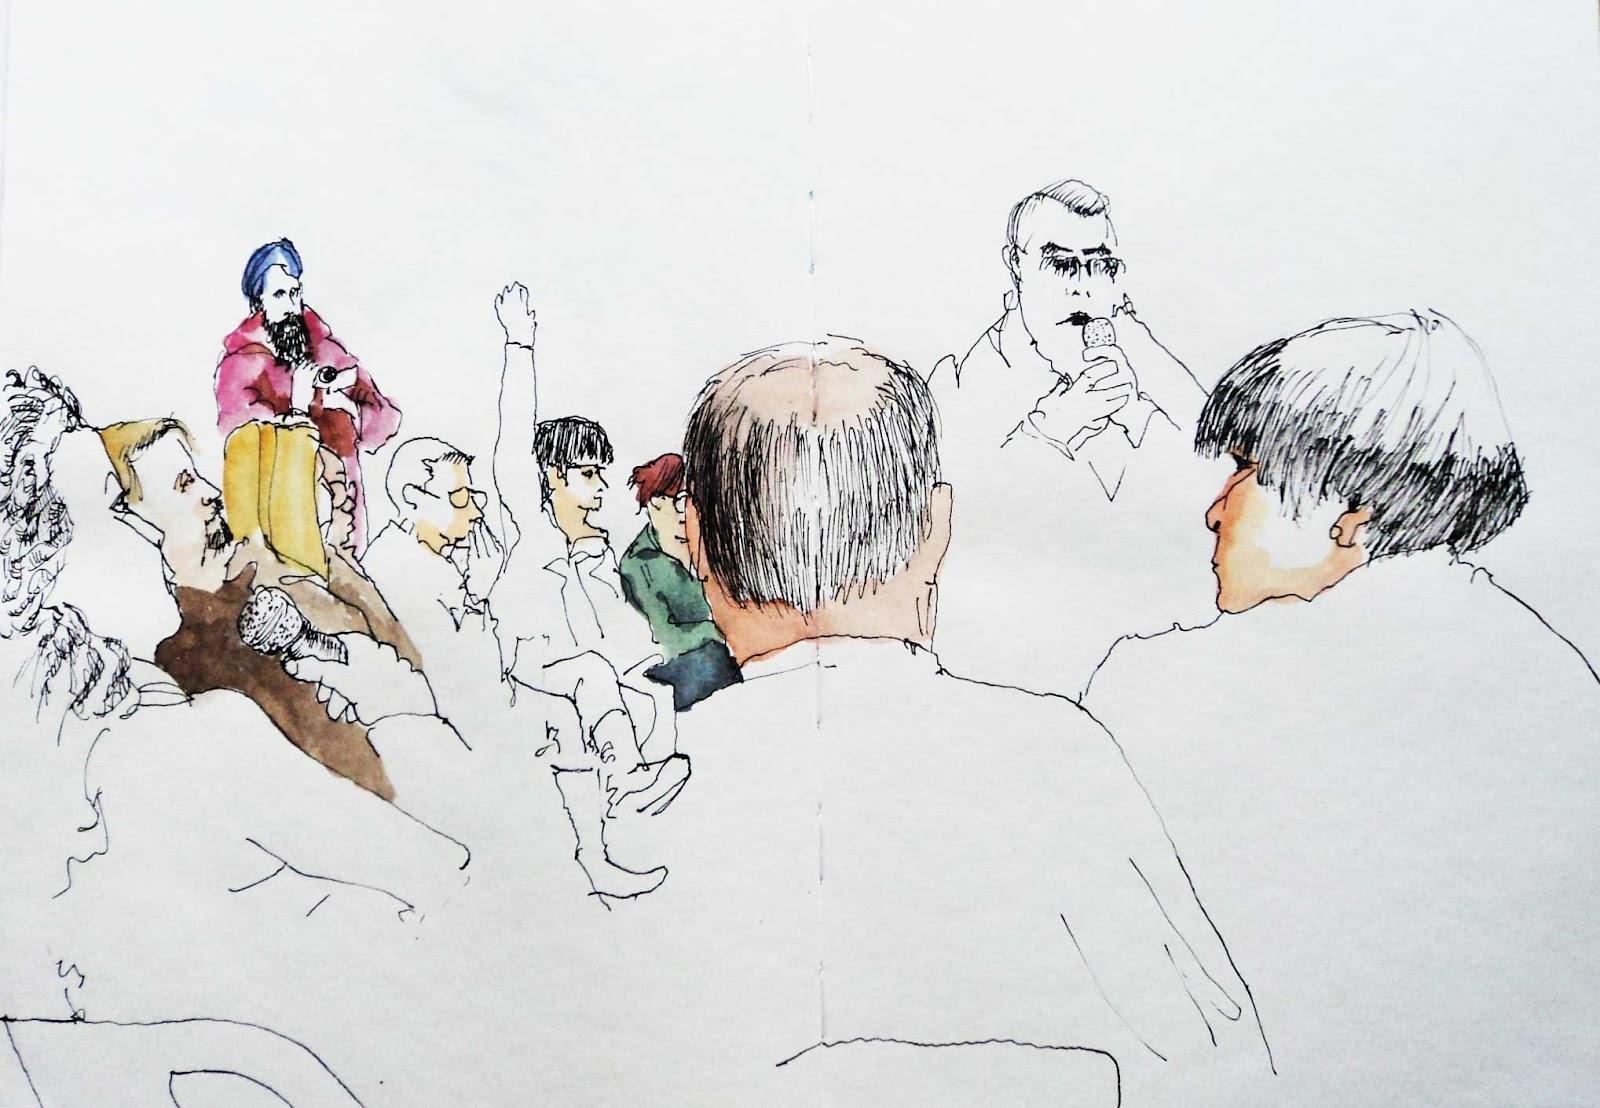 MÓDULO DA FORMAÇÃO TEÓRICA DO CURSO DE PSICODRAMA